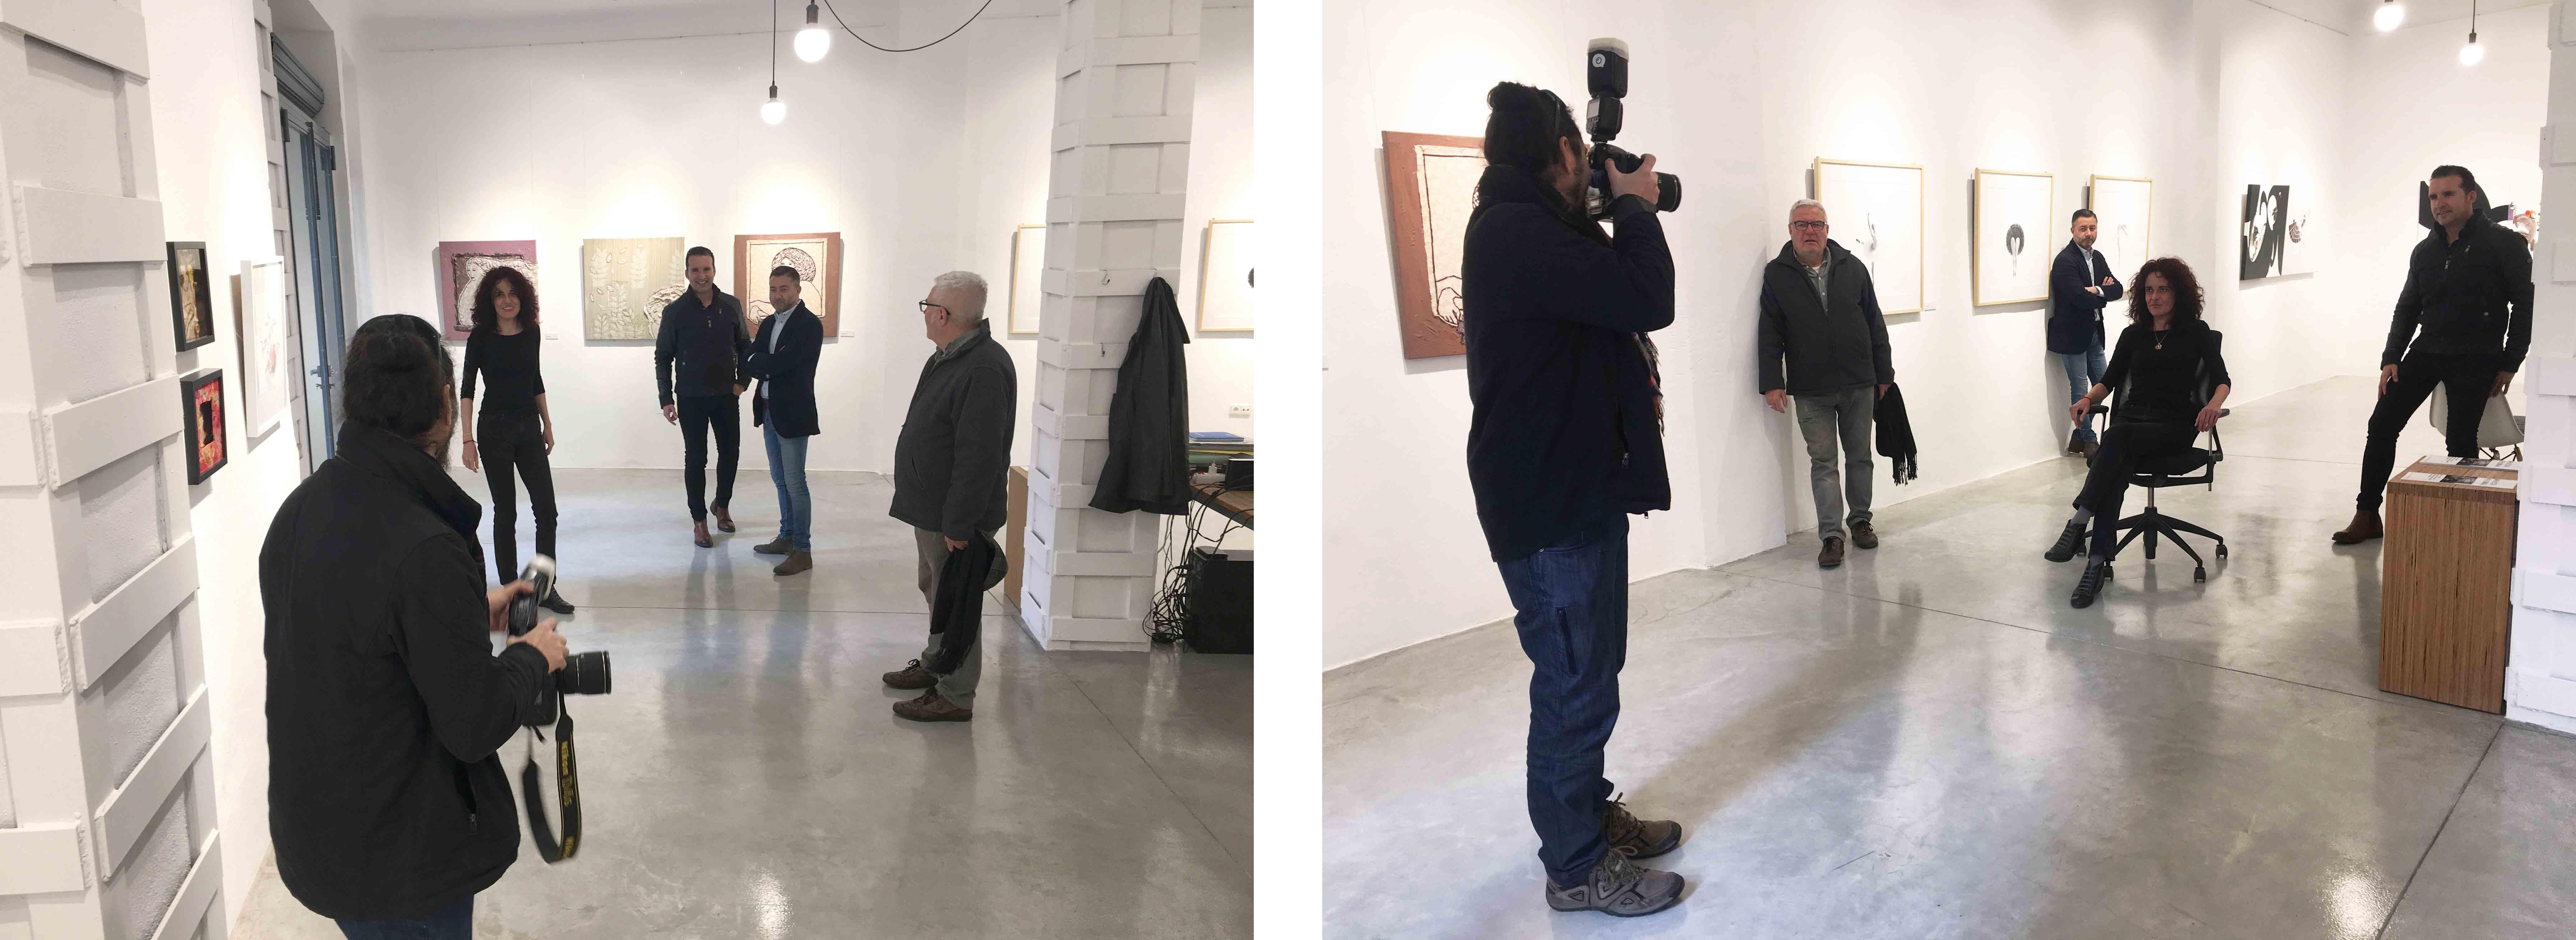 Exposiciones en Murcia. Apuesta Personal